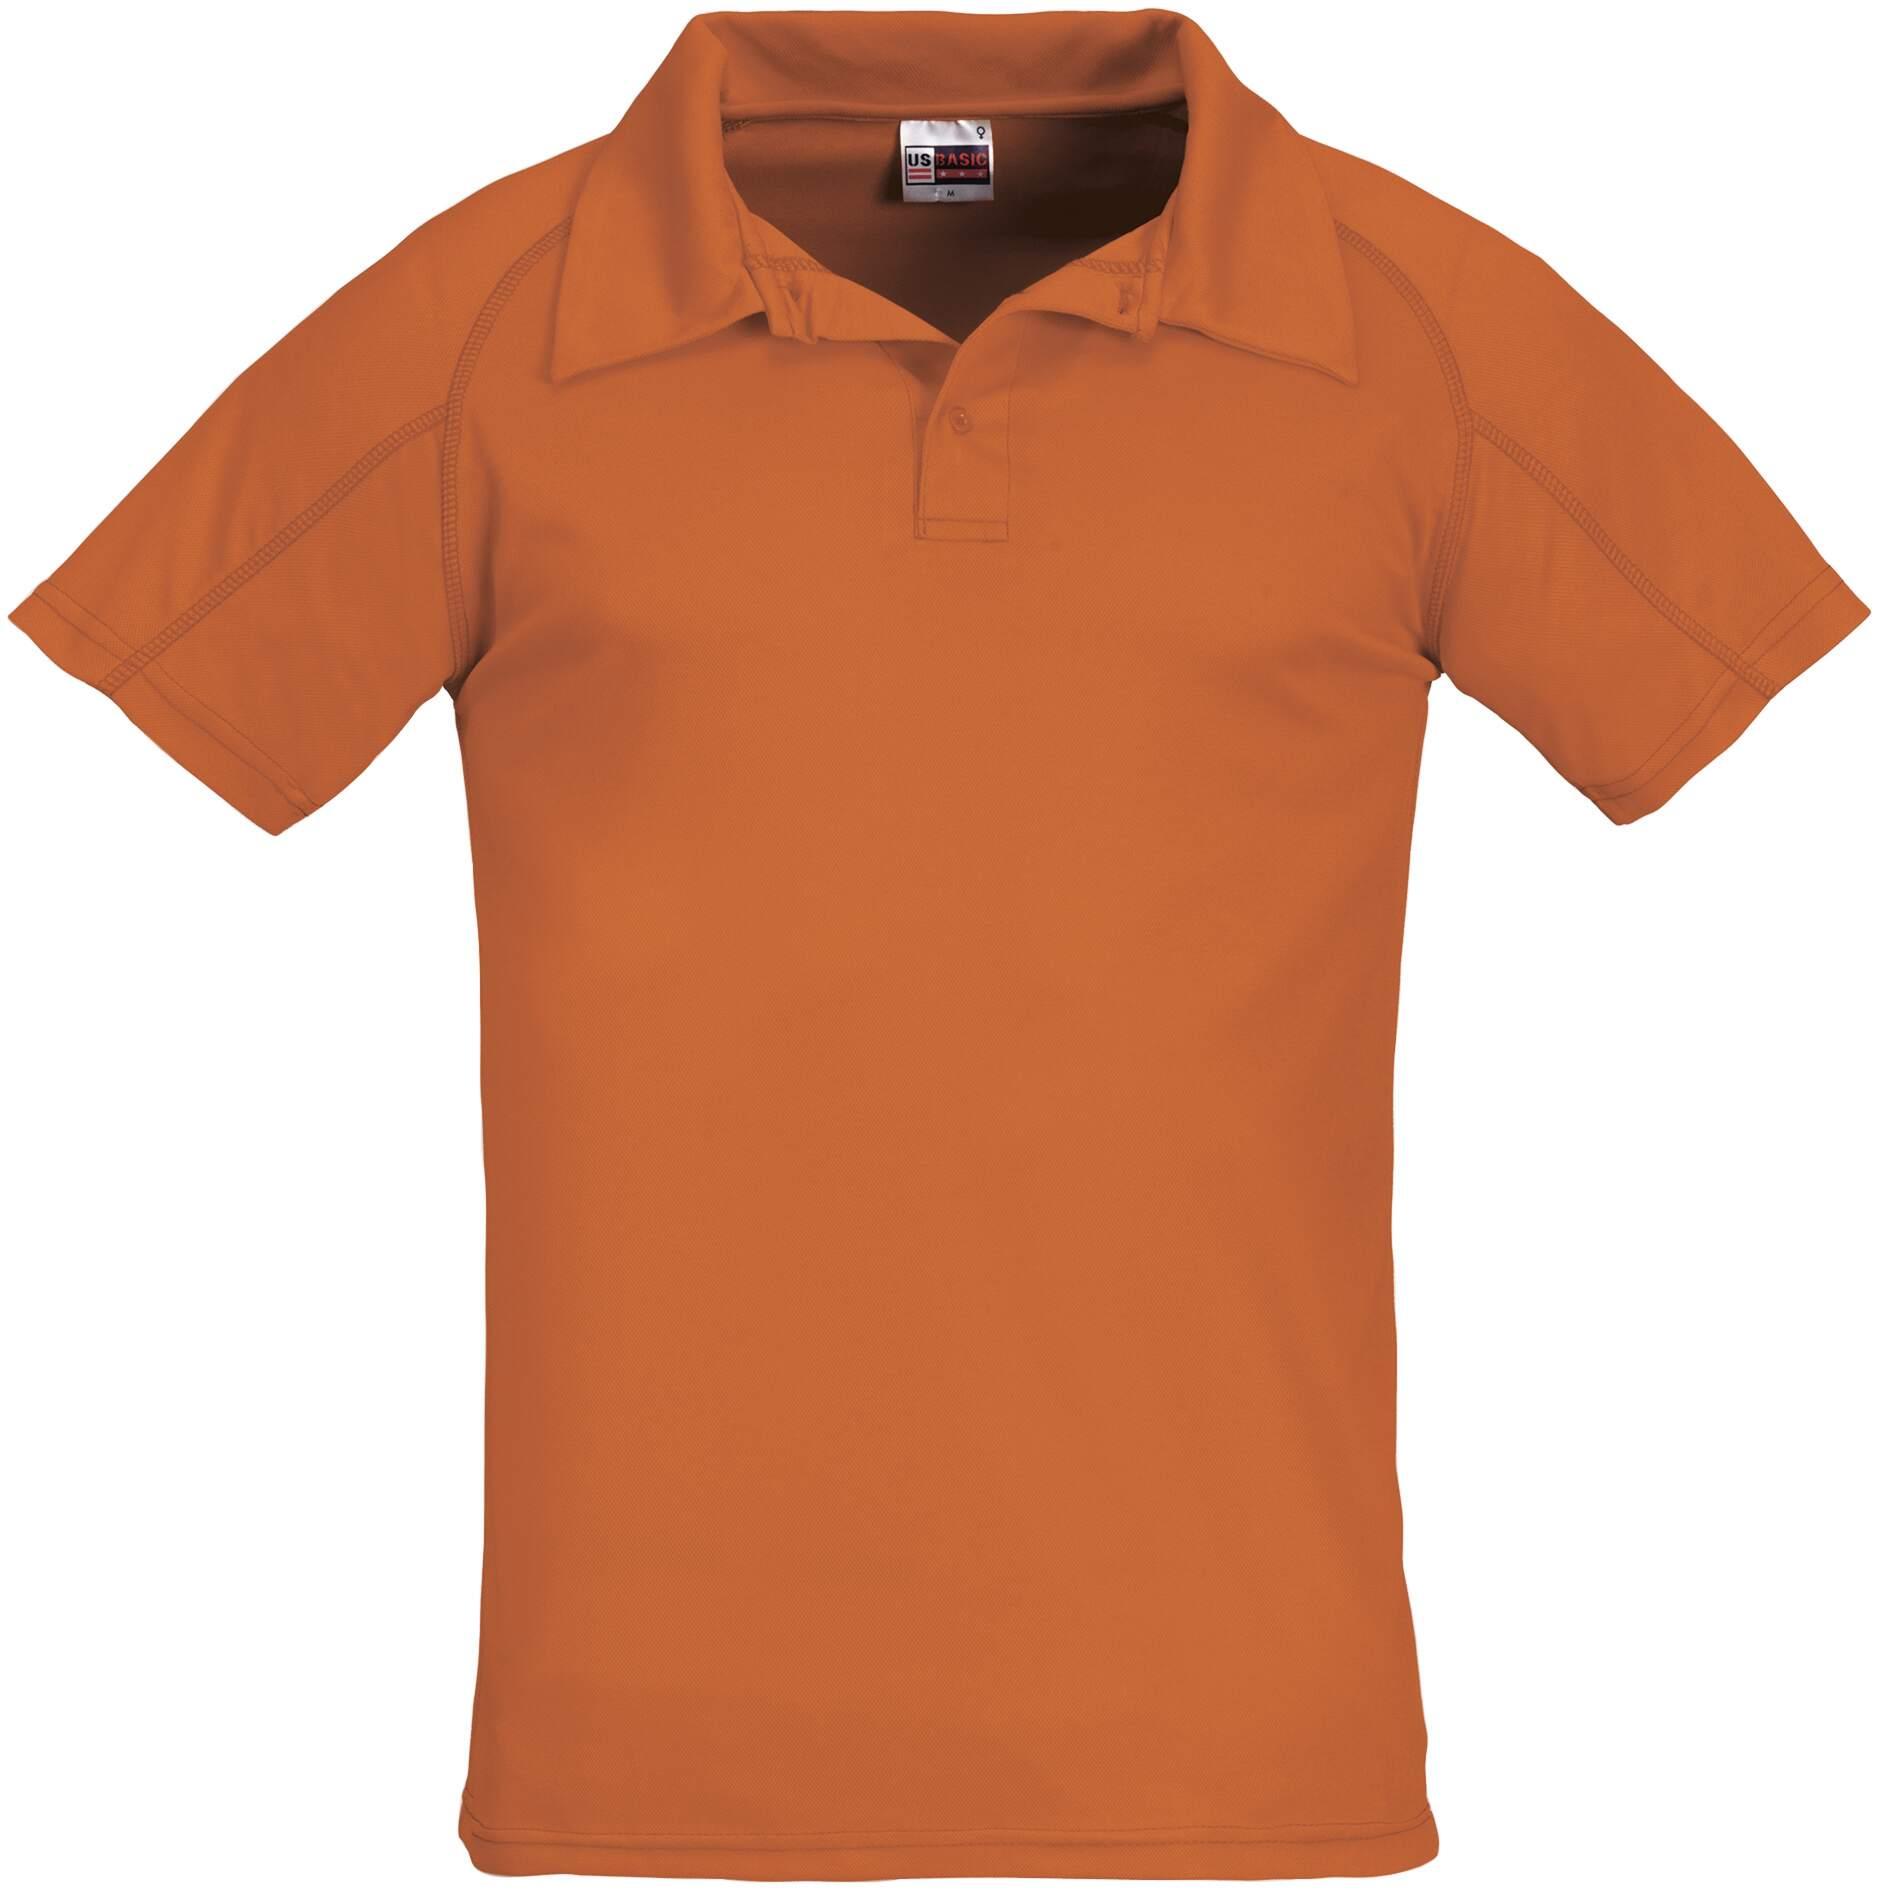 Koszulki Polo US 31098 Cool Fit - 31098_pomarańczowy_US - Kolor: Pomarańczowy